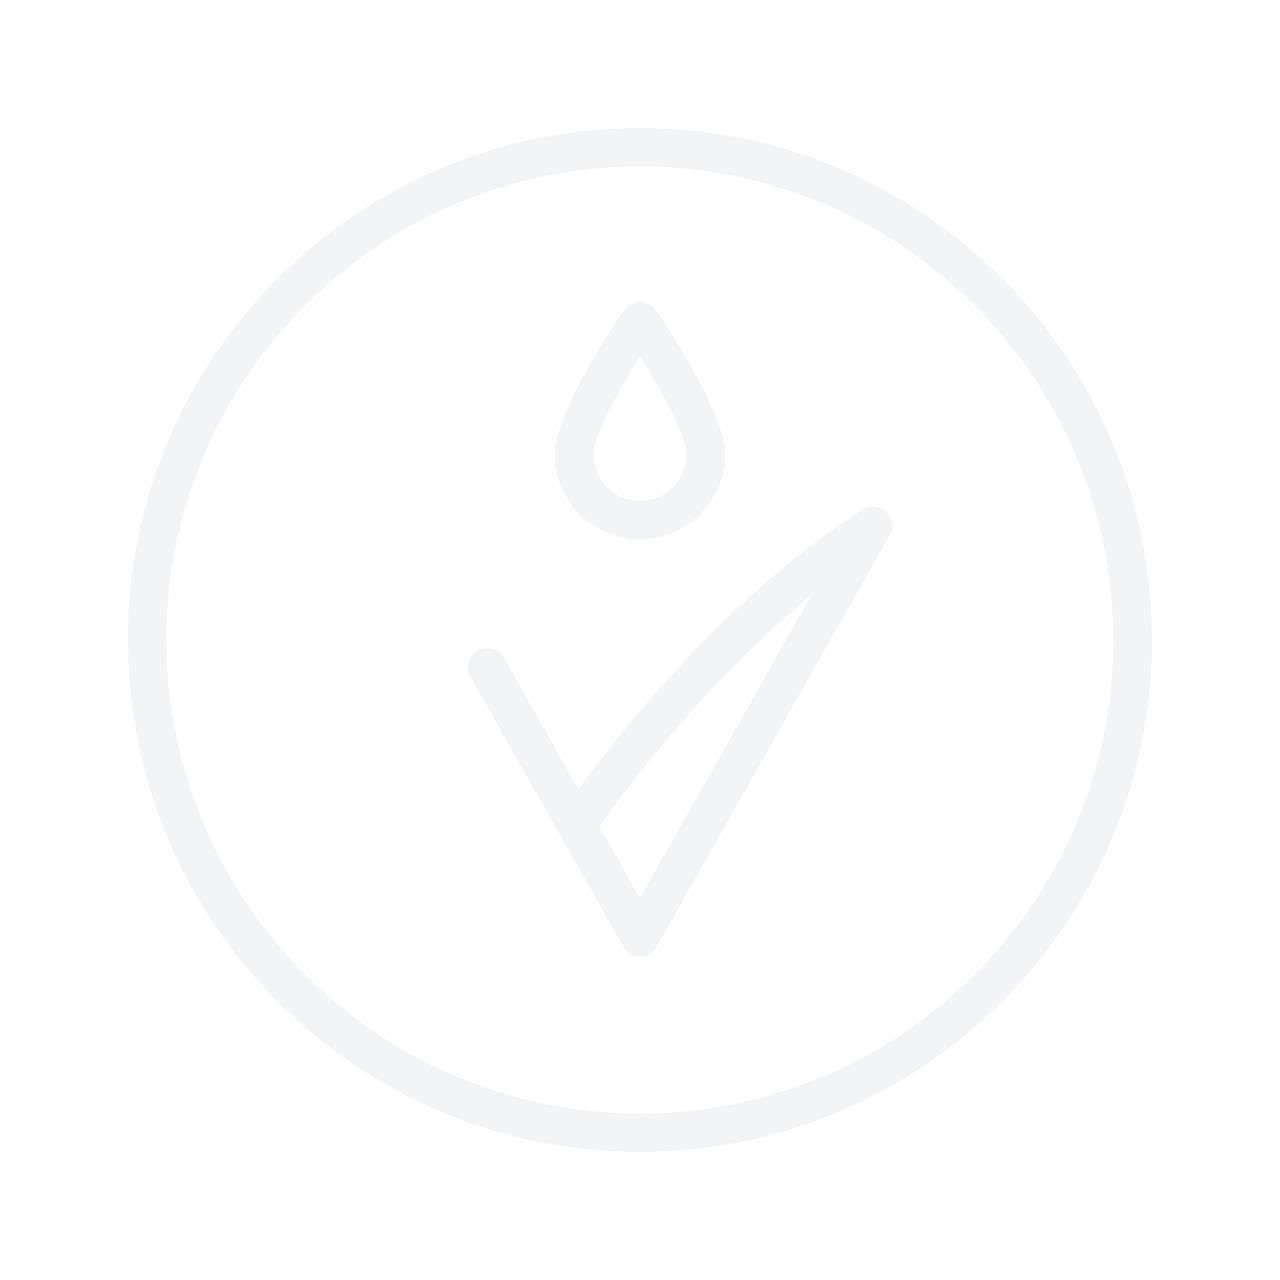 MISSHA 7 Days Tinted Eyebrow Maroon Brown 0.8ml